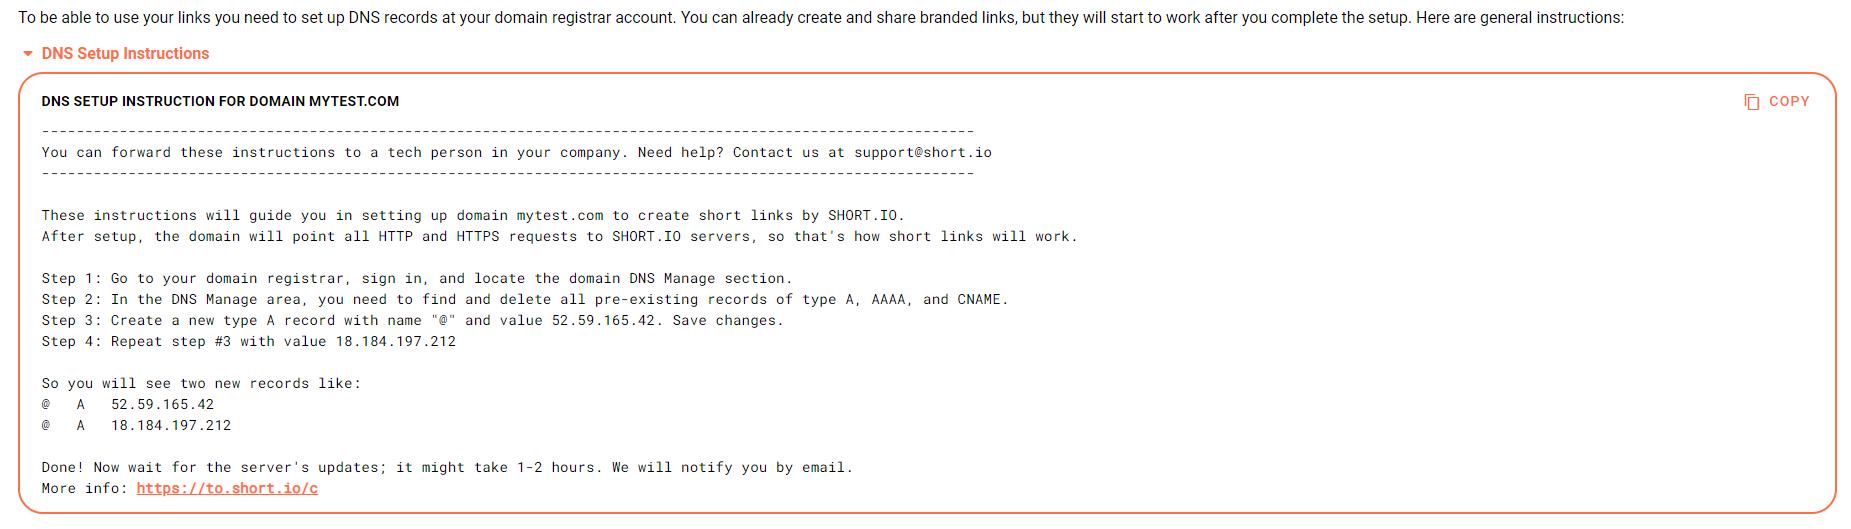 shortio-domain-configuration